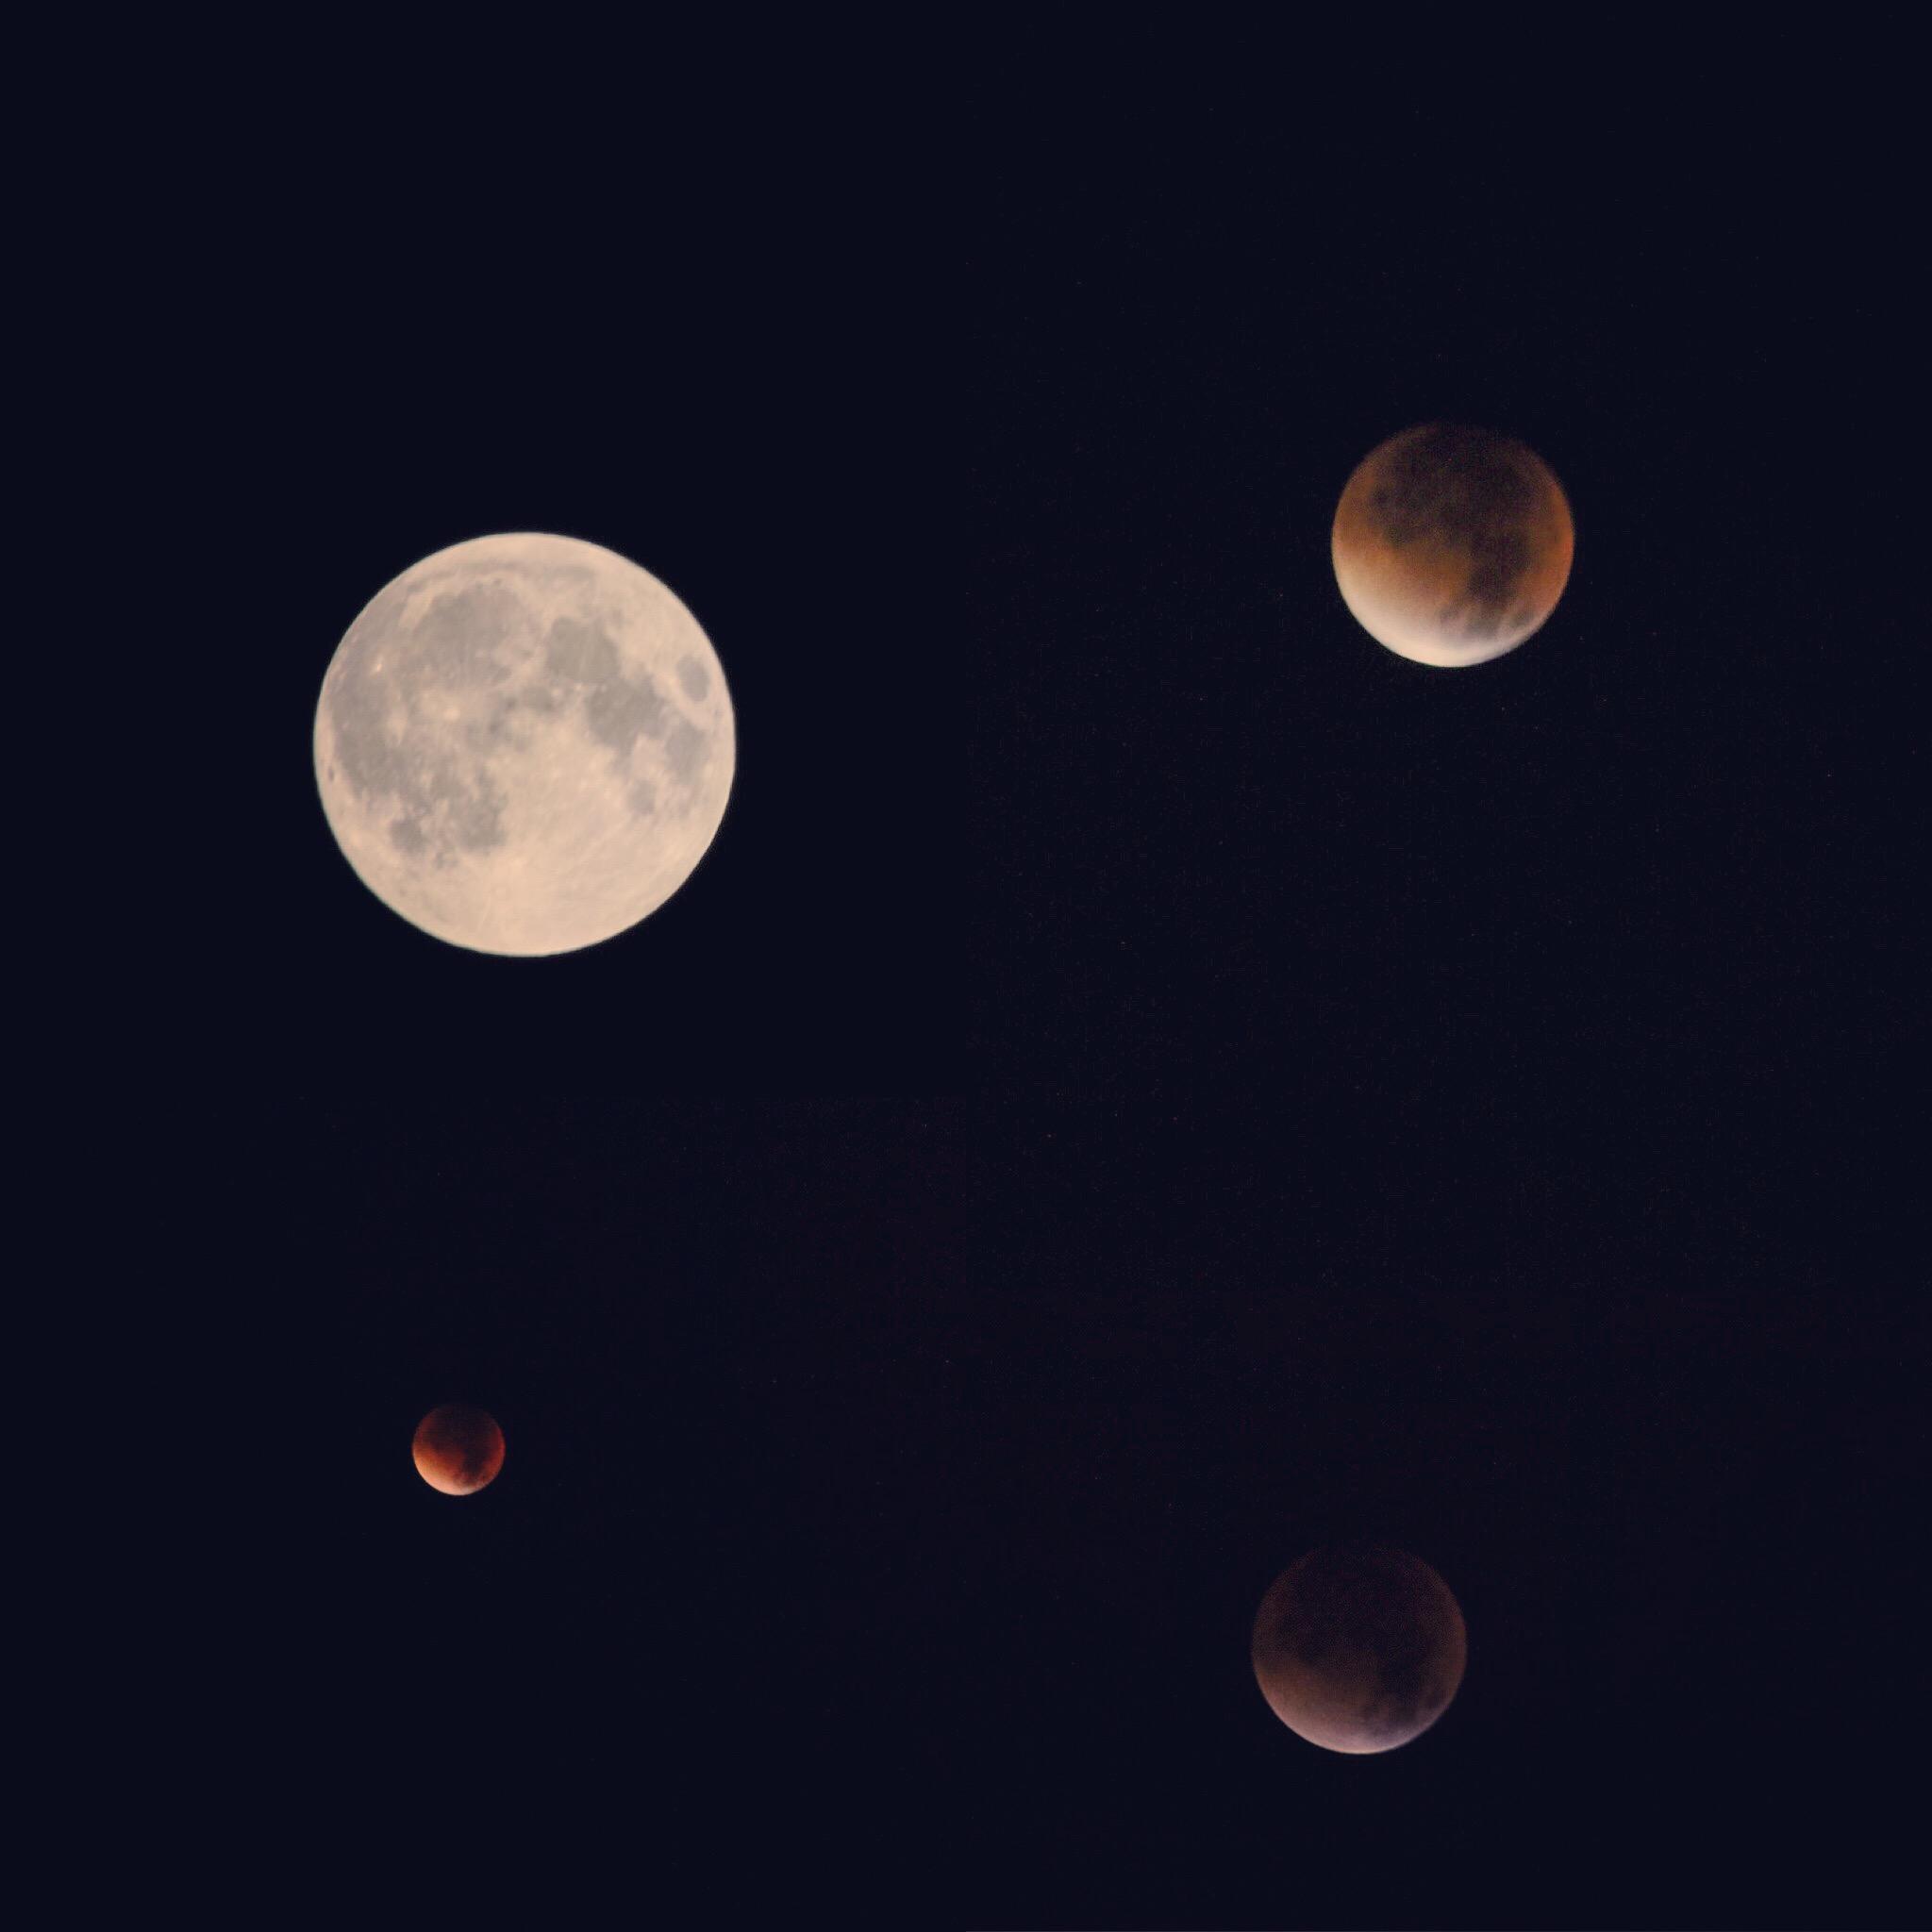 De nacht van zondag op maandag was kort, maar daardoor zag ik wel de rode maan!